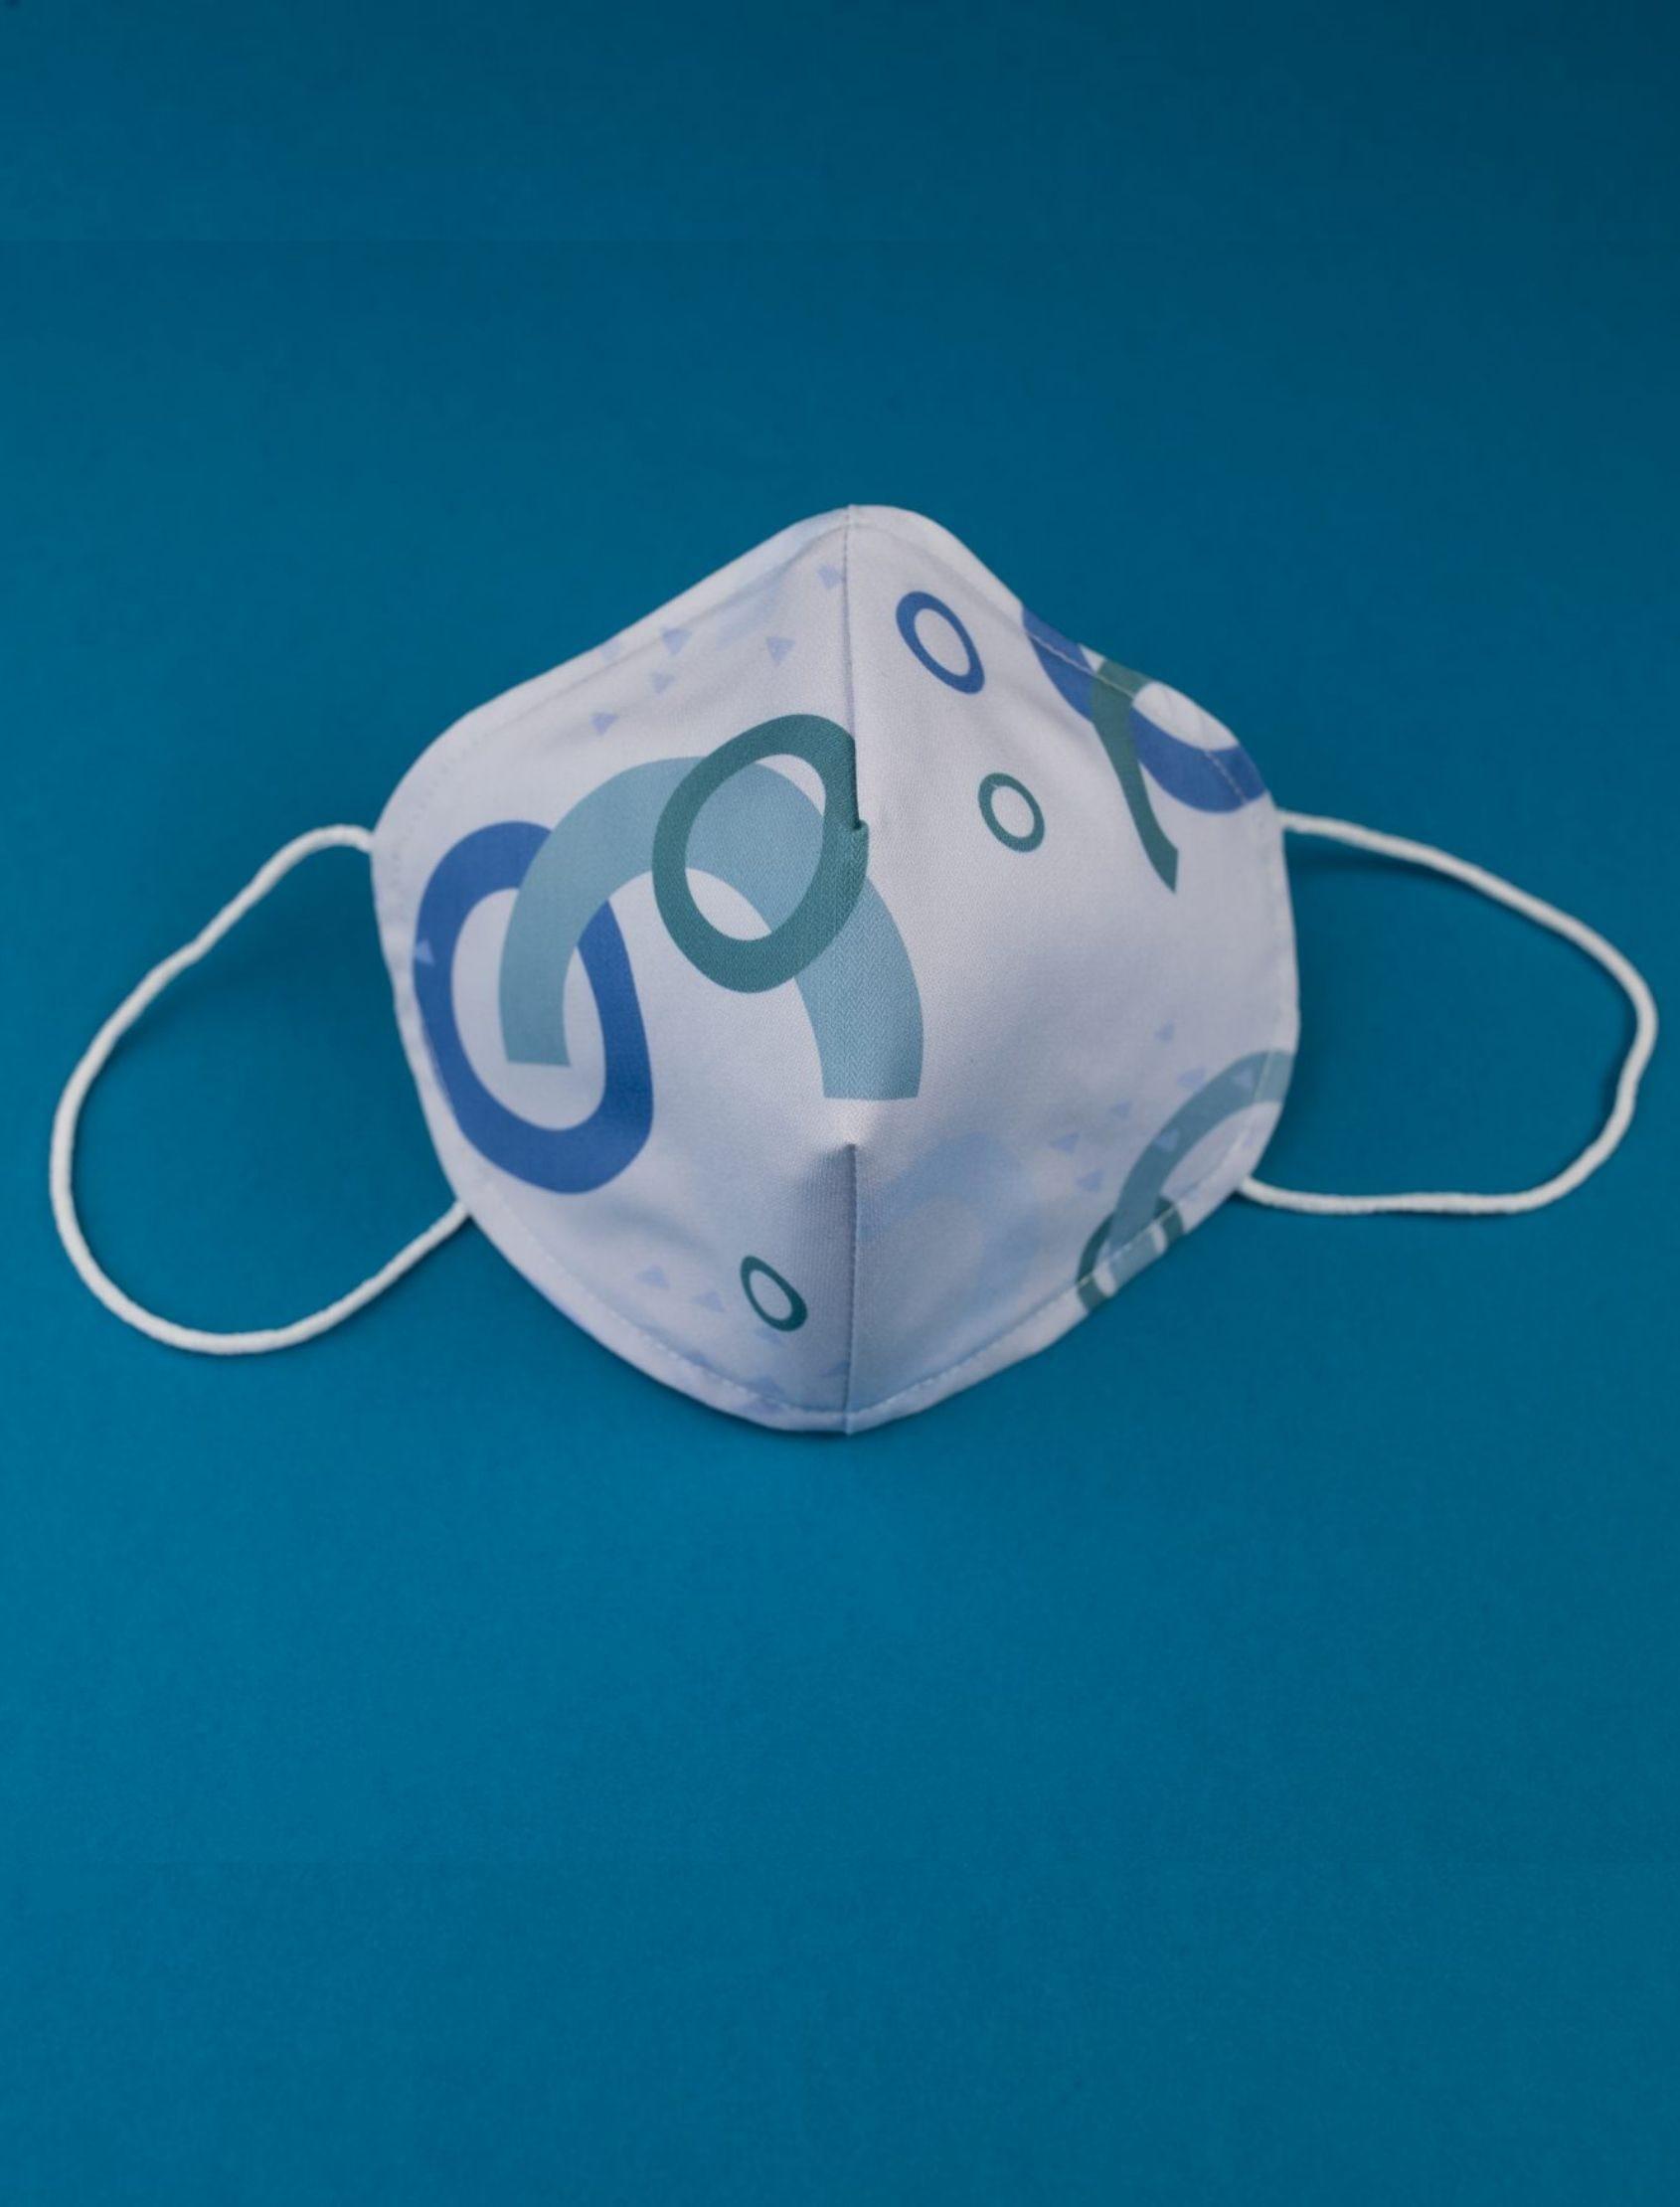 mascarilla para chico reutilizable ocn tejido homologado y estampado water